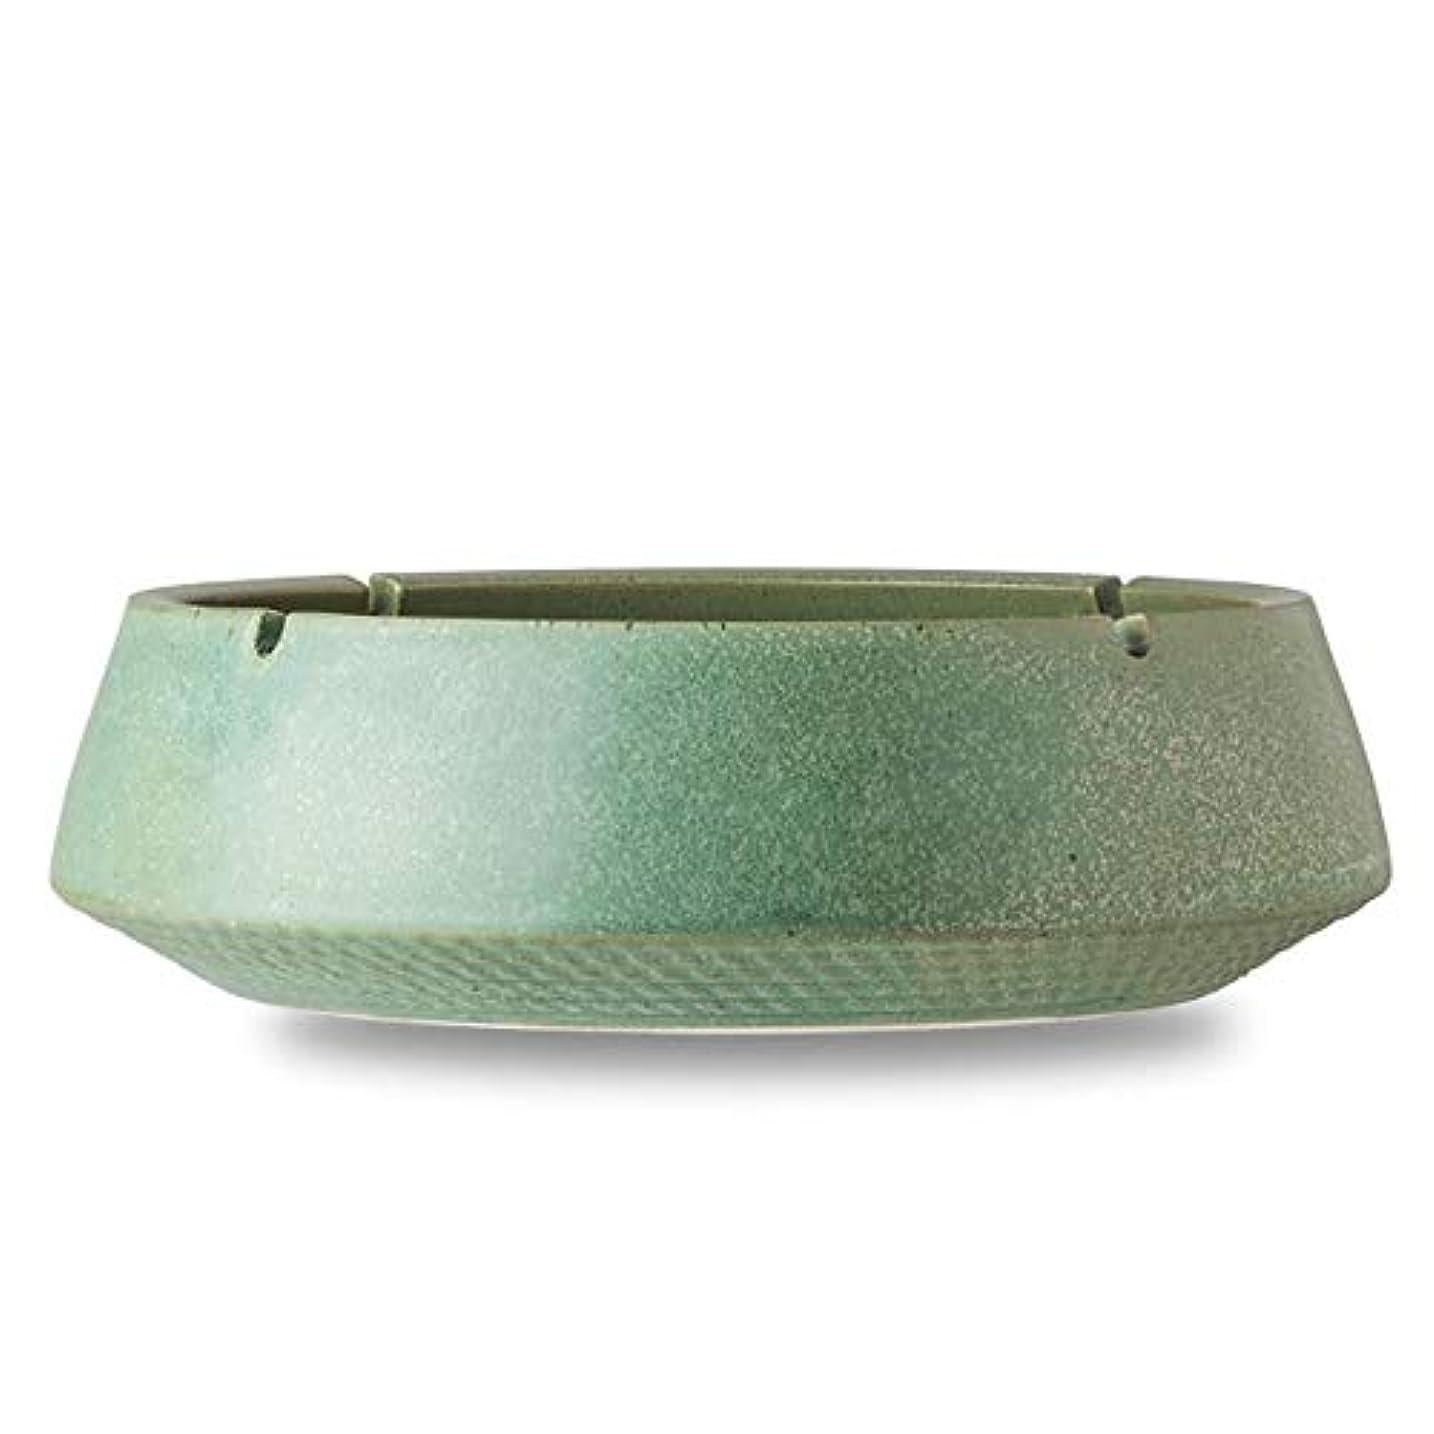 三十バースグッゲンハイム美術館クリエイティブエンボスセラミック灰皿大レトロホームリビングルームオフィス肥厚灰皿、デザインの安定性と格納するのは簡単に増すために厚く、レリーフ底の個性はもっと (色 : D)